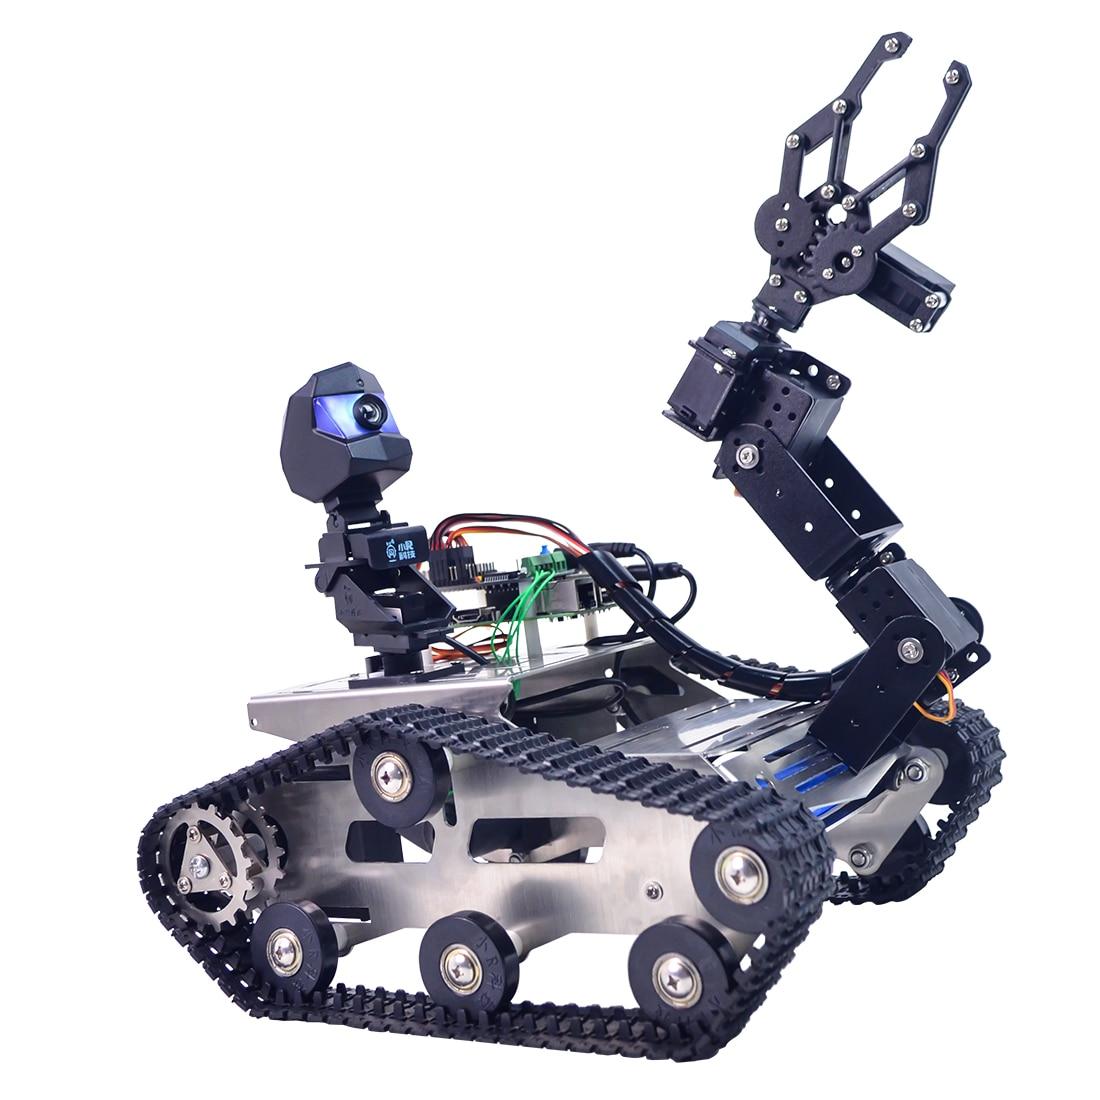 Jouets de bras de Robot de réservoir de TH WiFi FPV programmables d'ue pour Arduino MEGA Version Standard petite/grande griffe